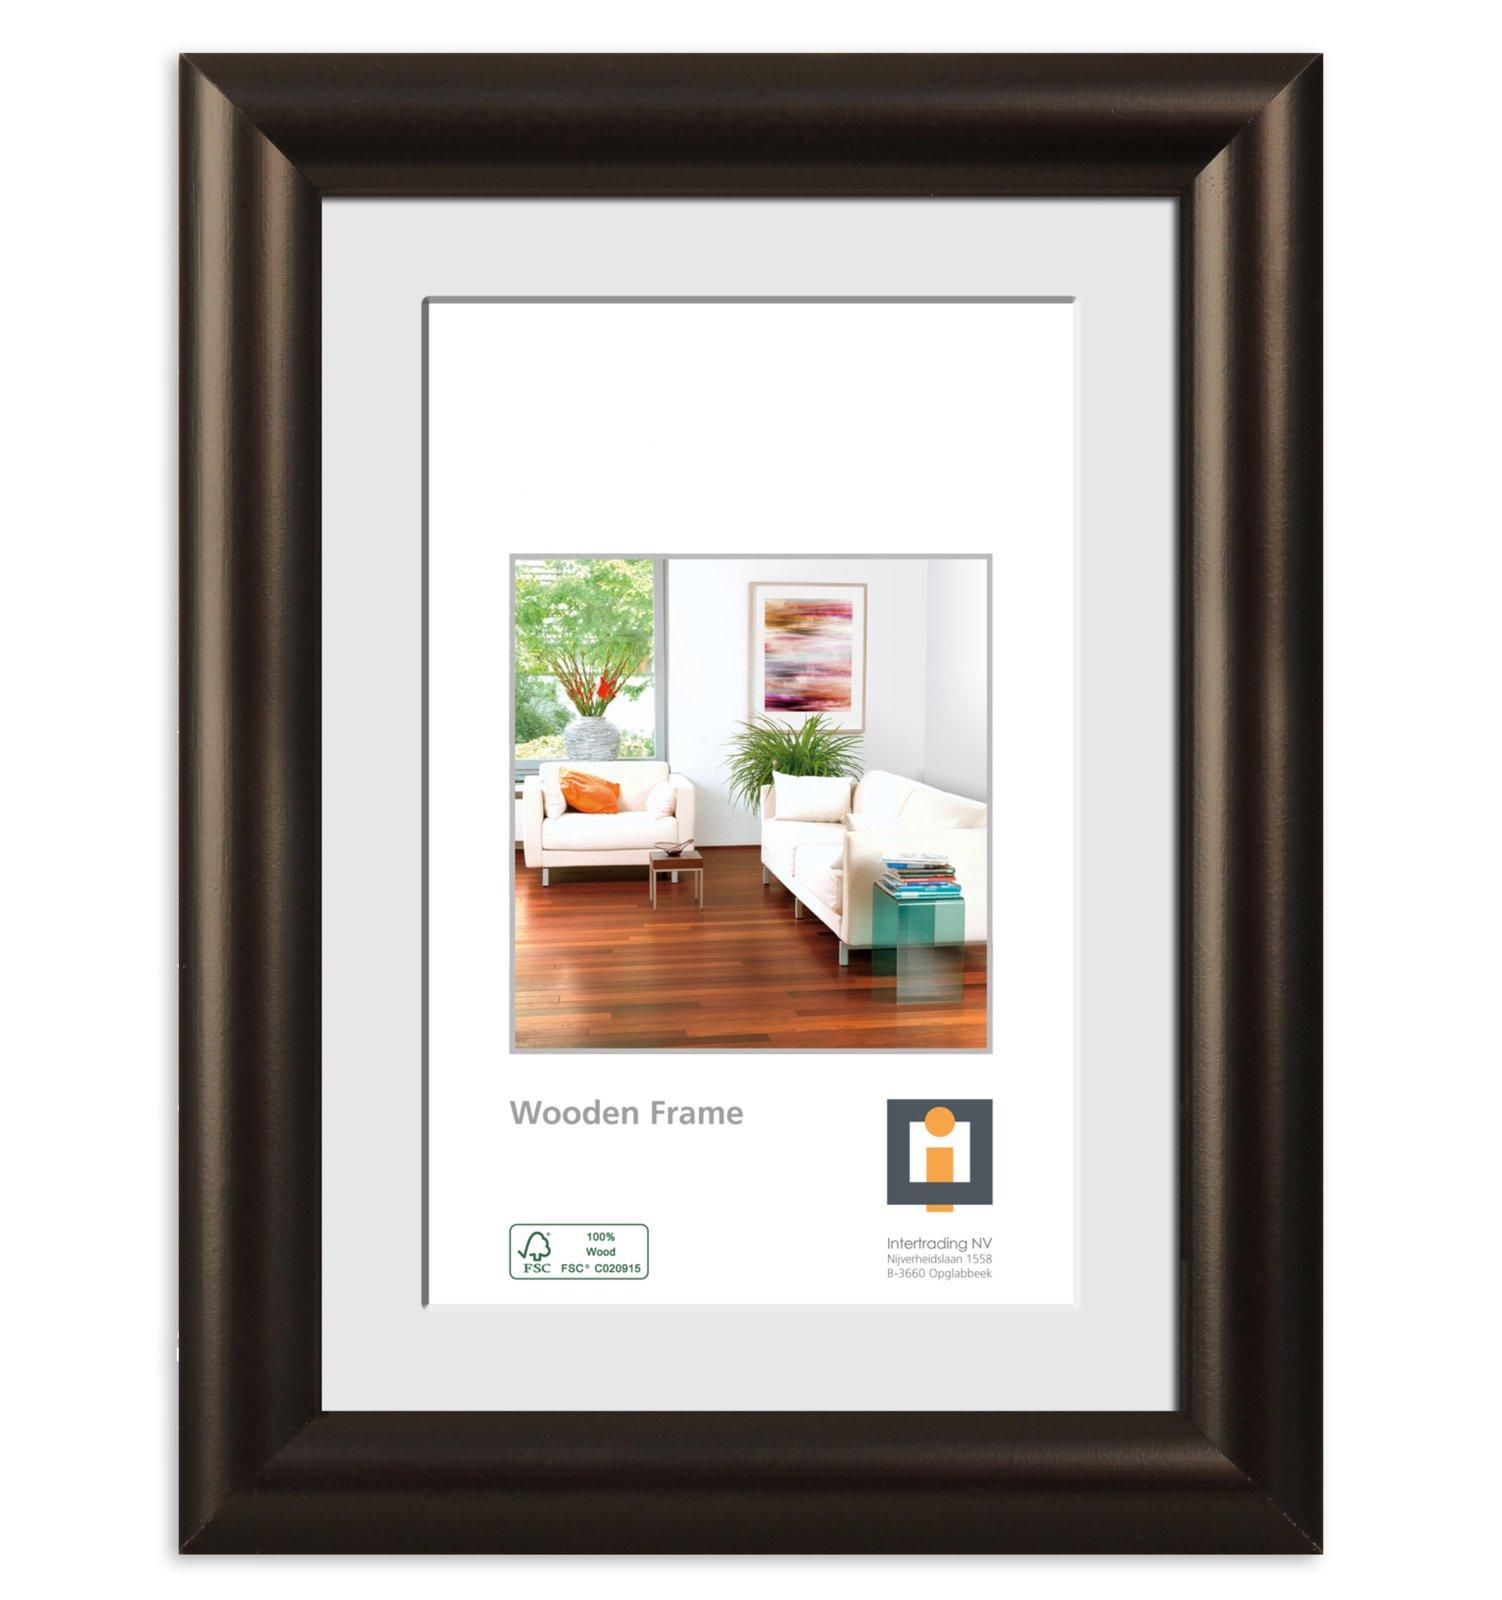 bilderrahmen paris schwarz holz 13x18 cm bilderrahmen deko artikel deko haushalt. Black Bedroom Furniture Sets. Home Design Ideas